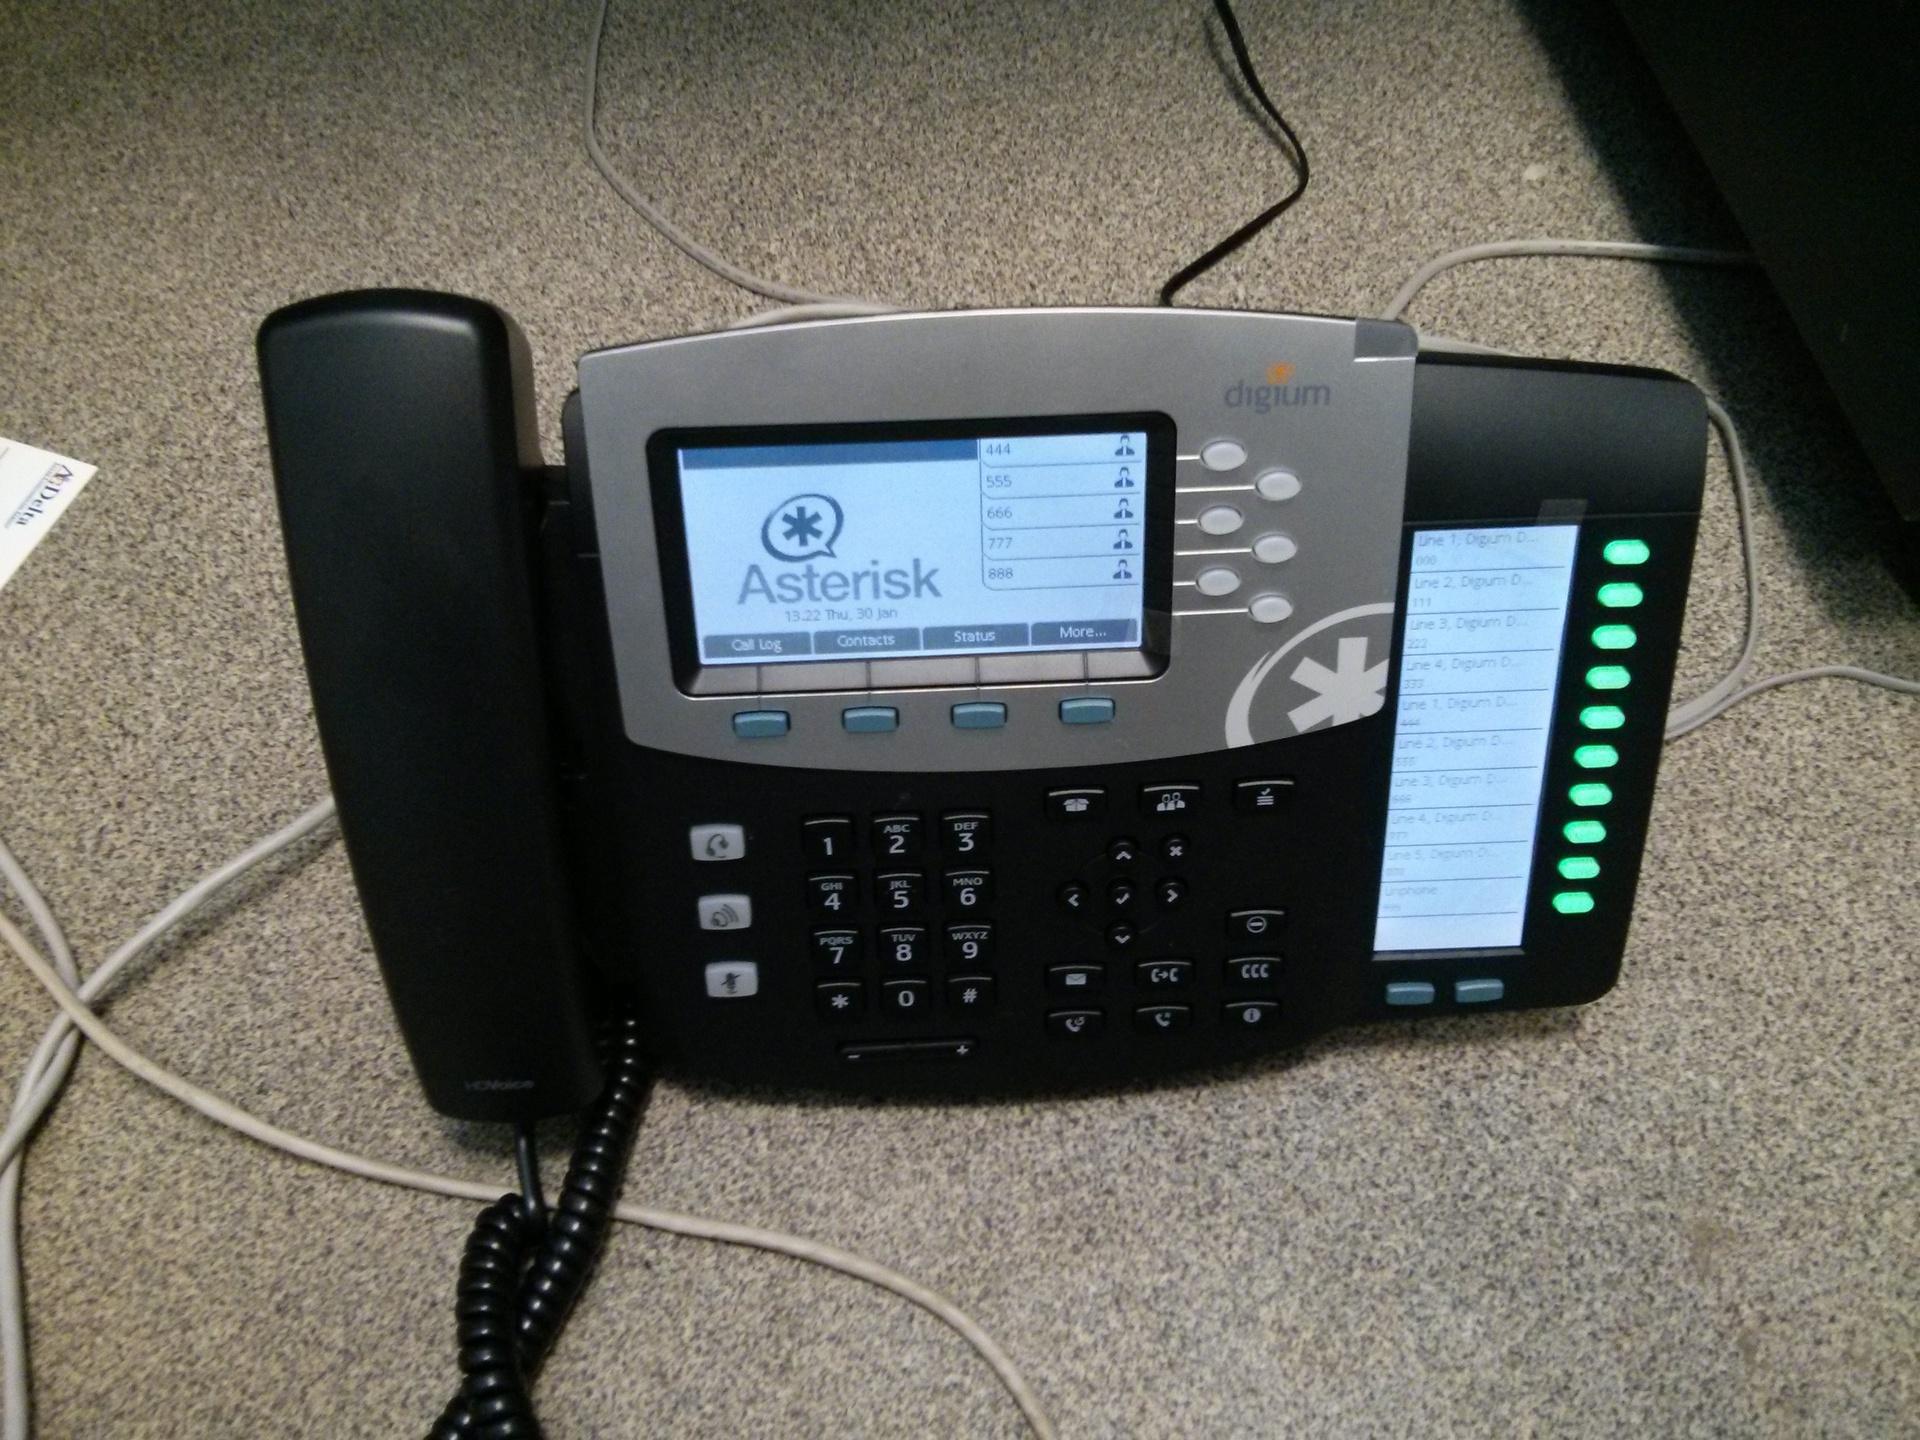 Тестирование телефонов Digium с Asterisk и настройка Smart BLF